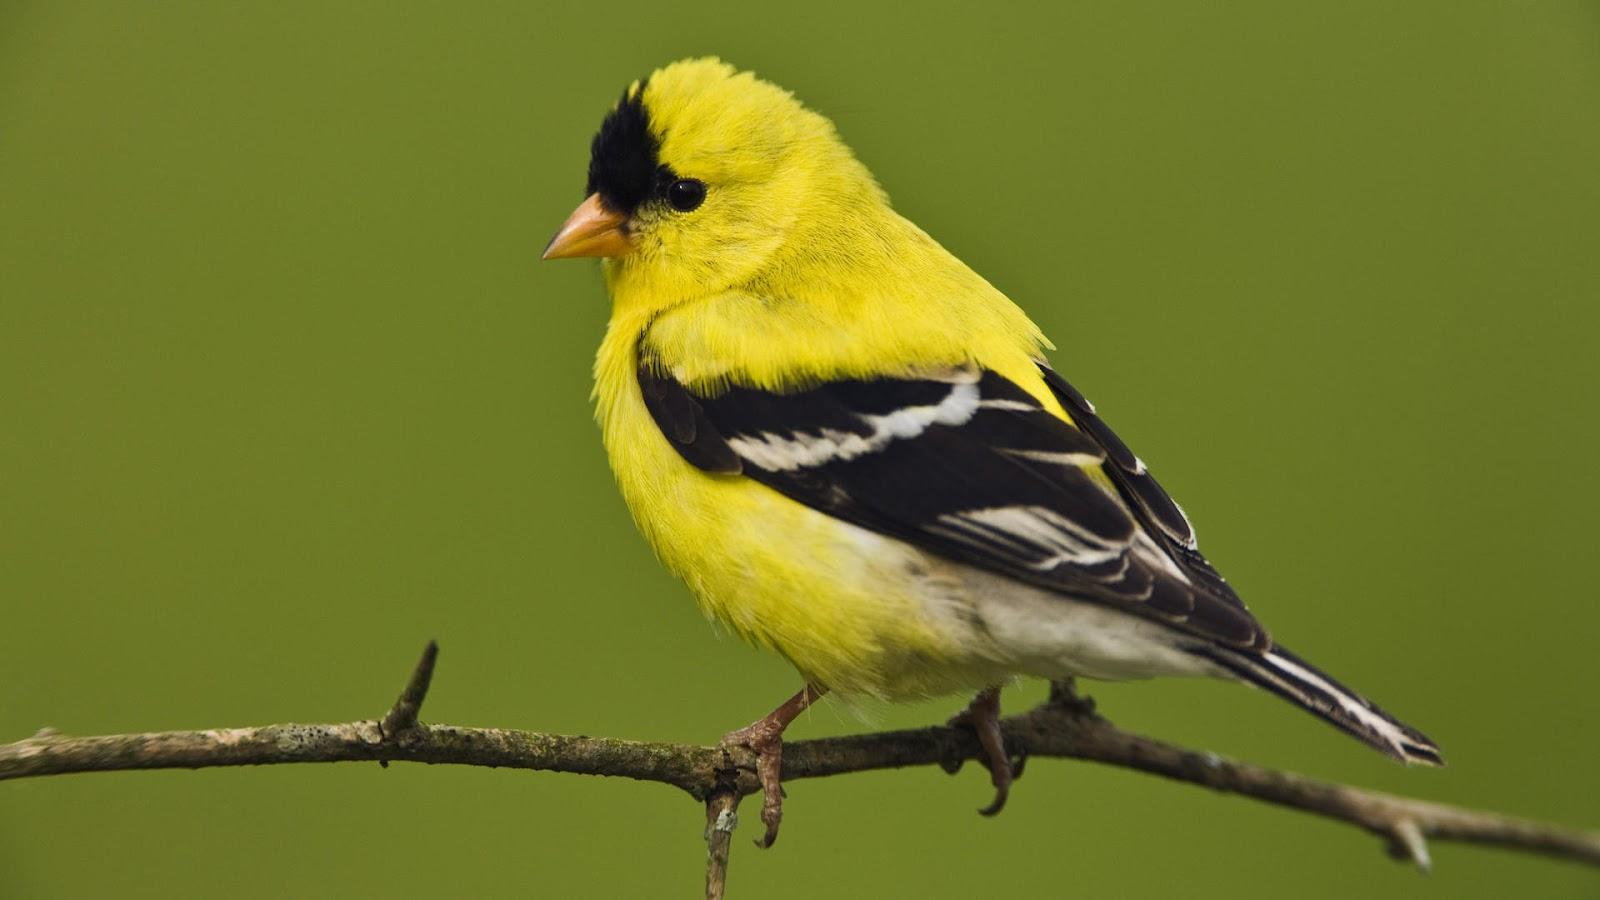 bird desktop wallpapers A6